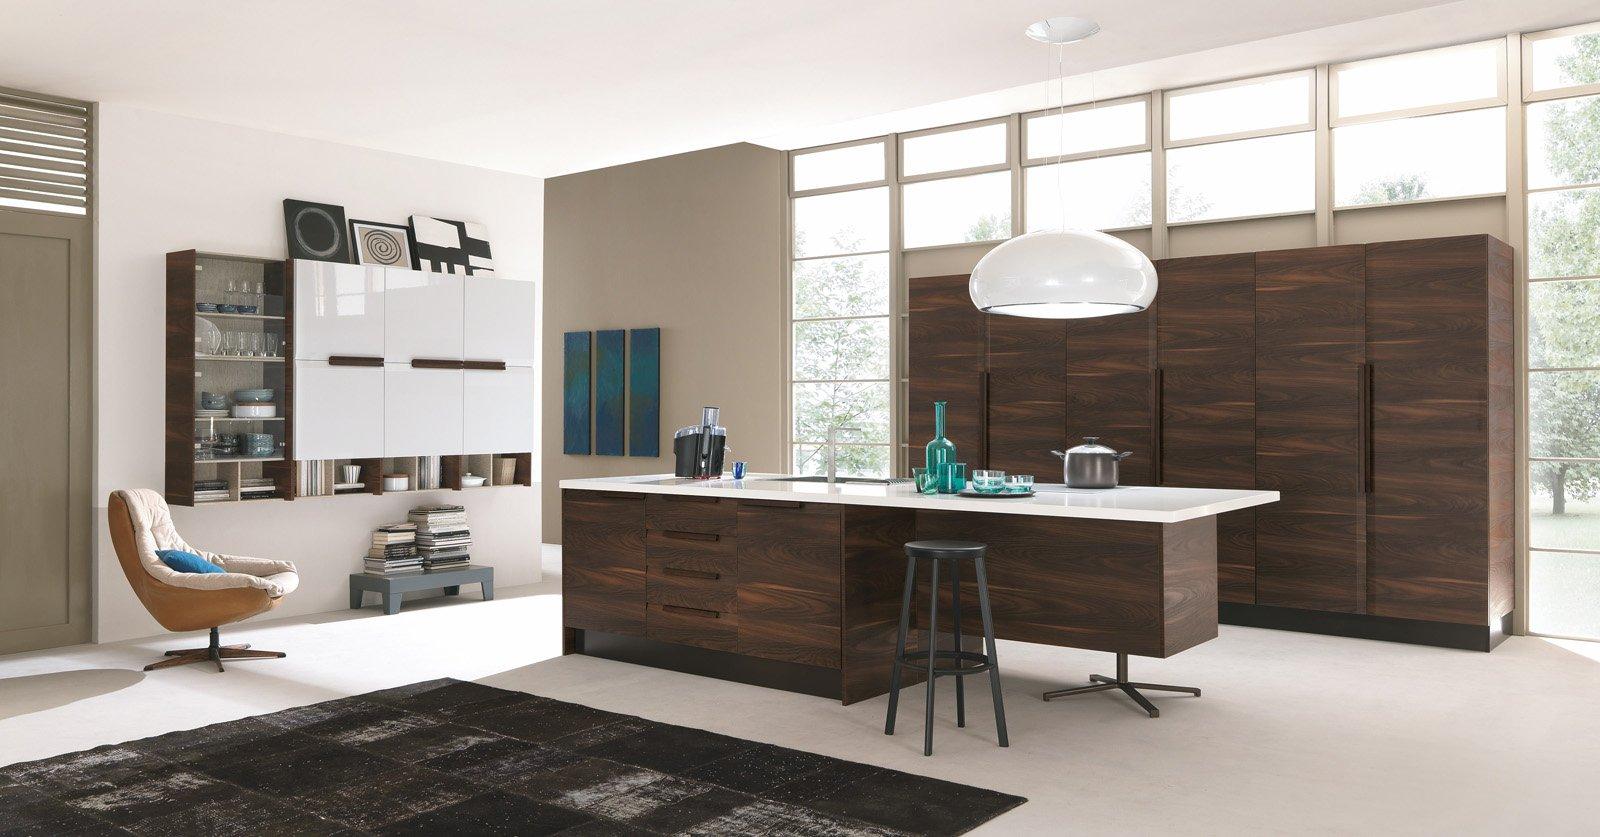 Cucina in legno moderna o classica cose di casa - Cucina bianca e noce ...